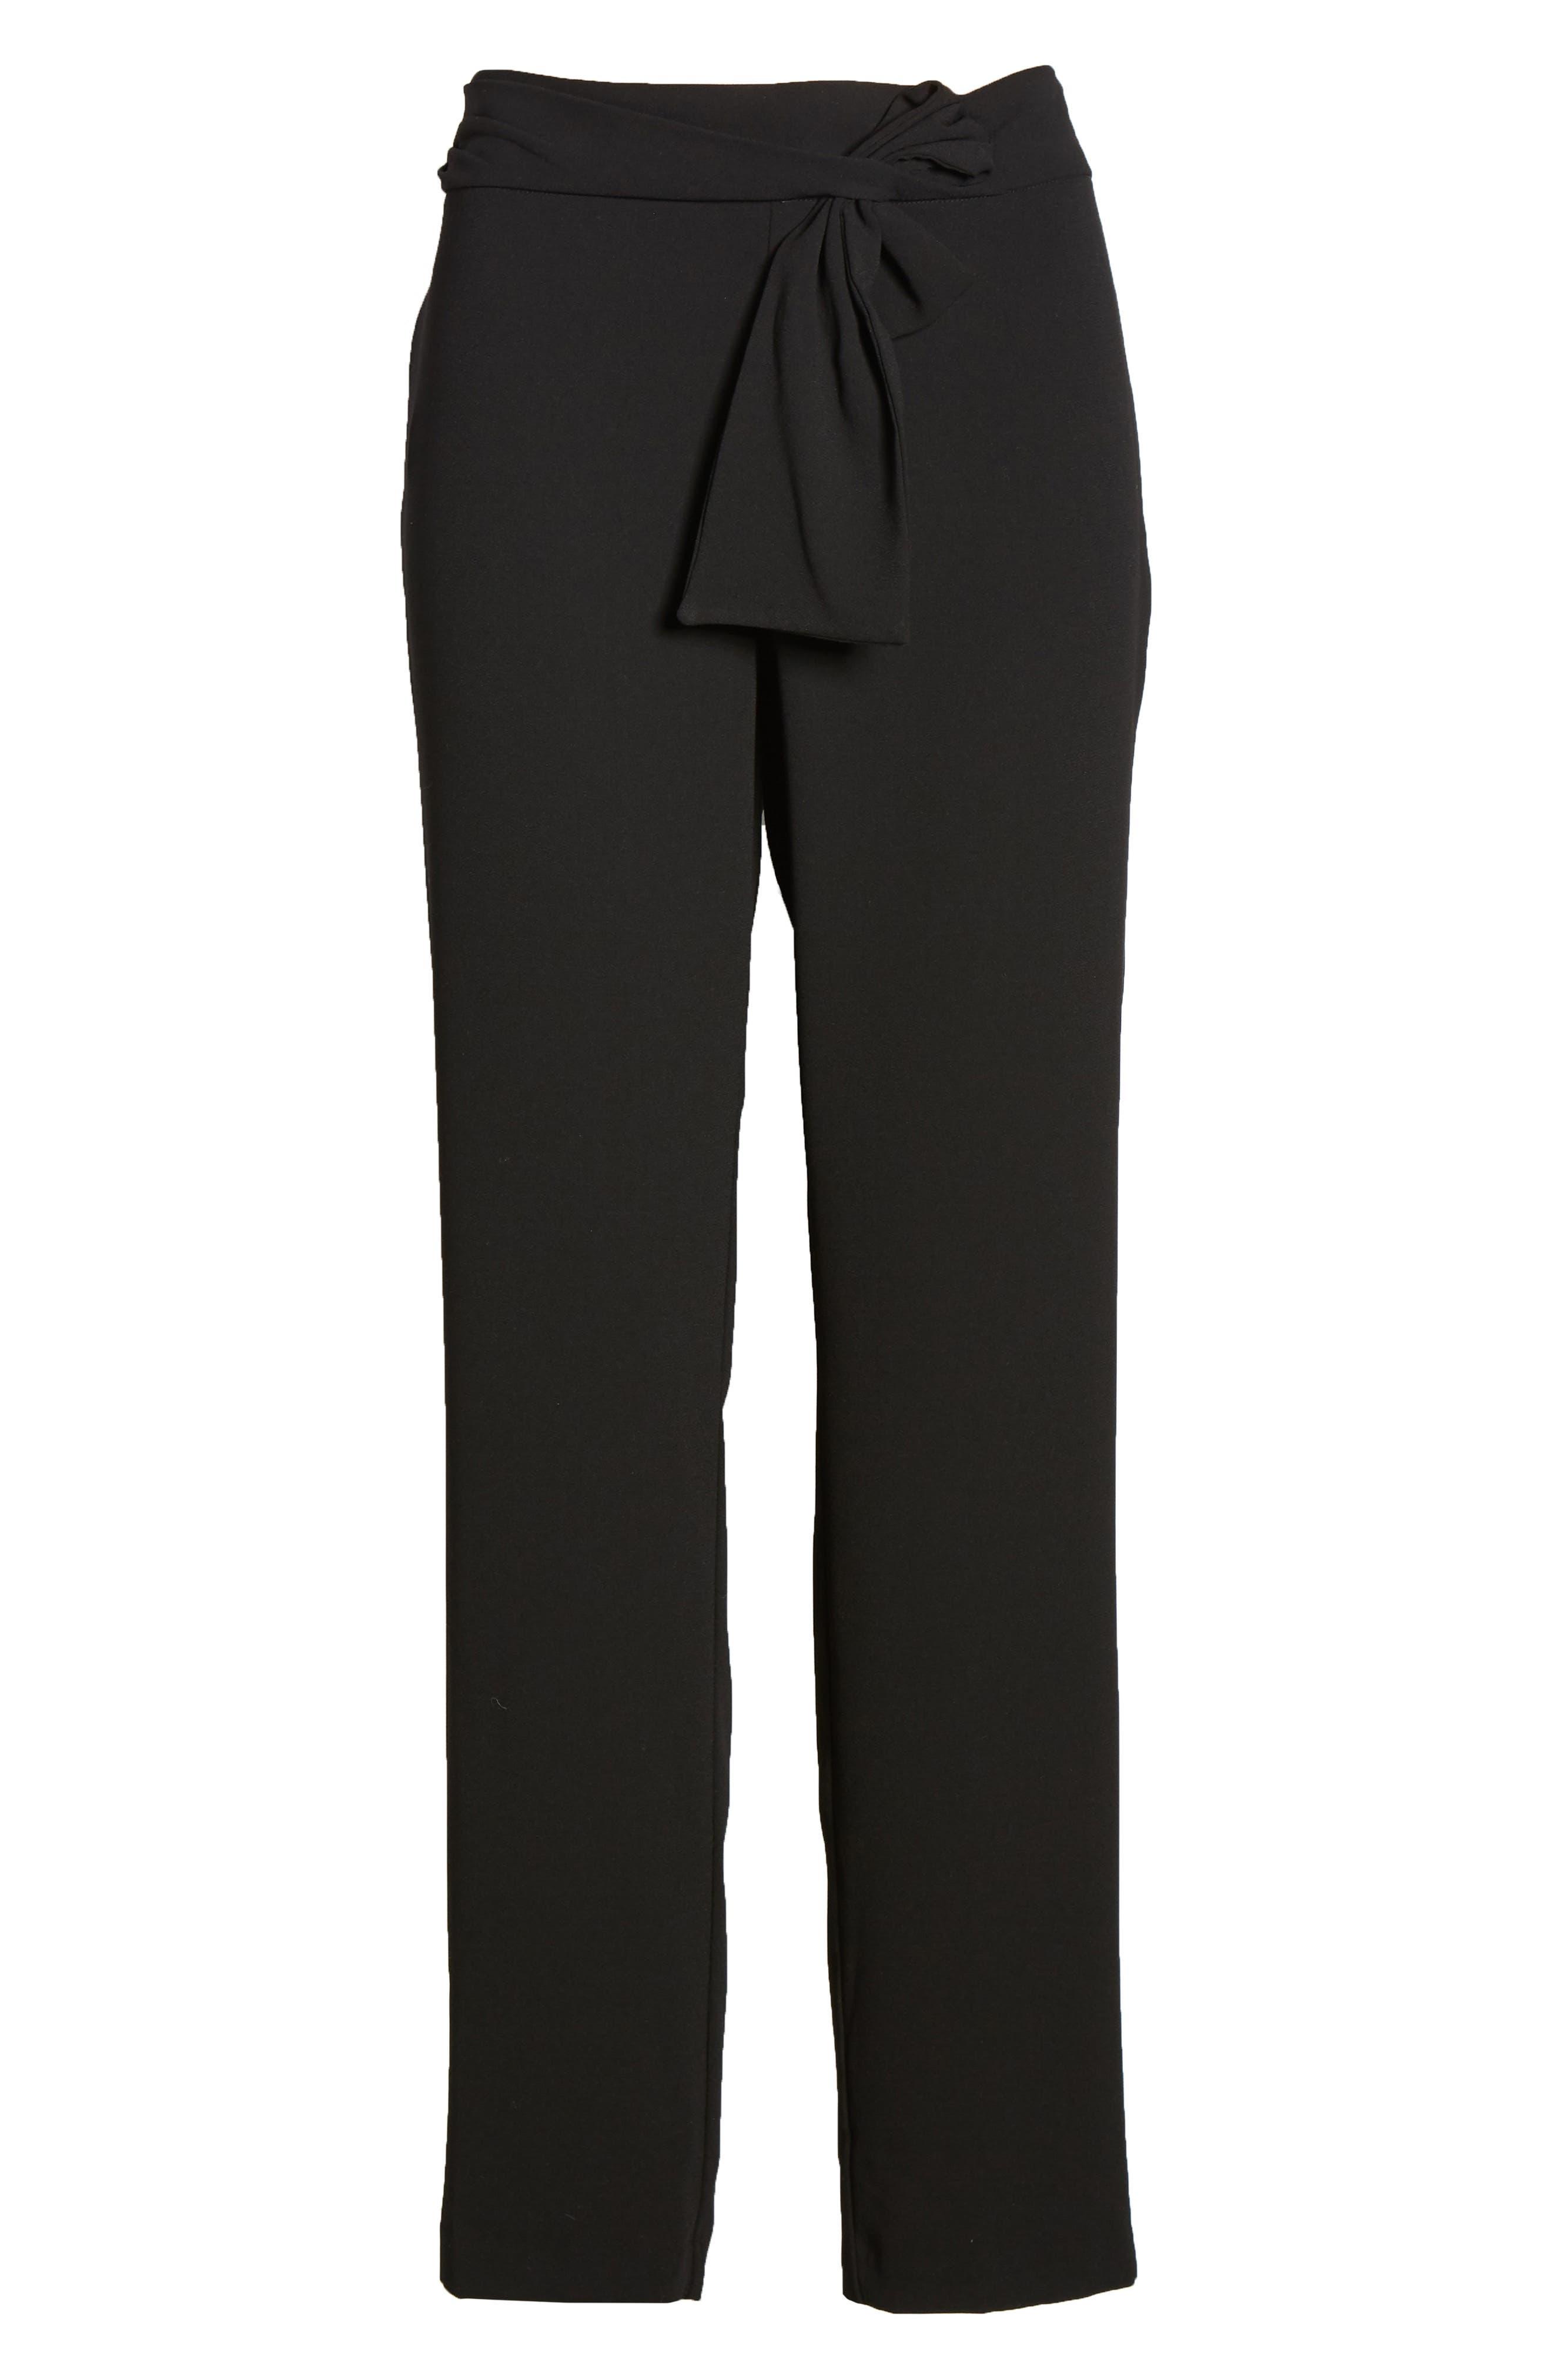 Tie Waist Moss Crepe Pants,                             Alternate thumbnail 6, color,                             RICH BLACK